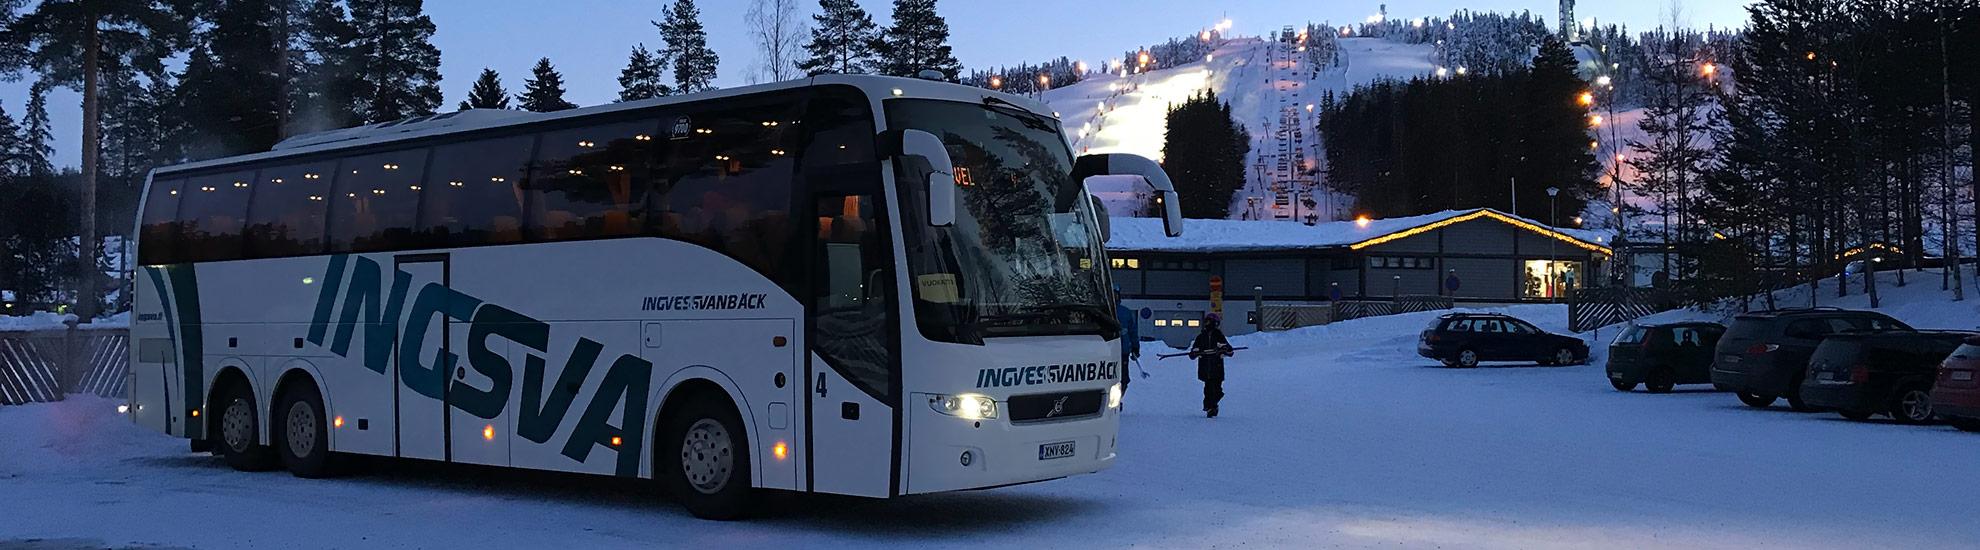 beställningstrafik charter bussar pris